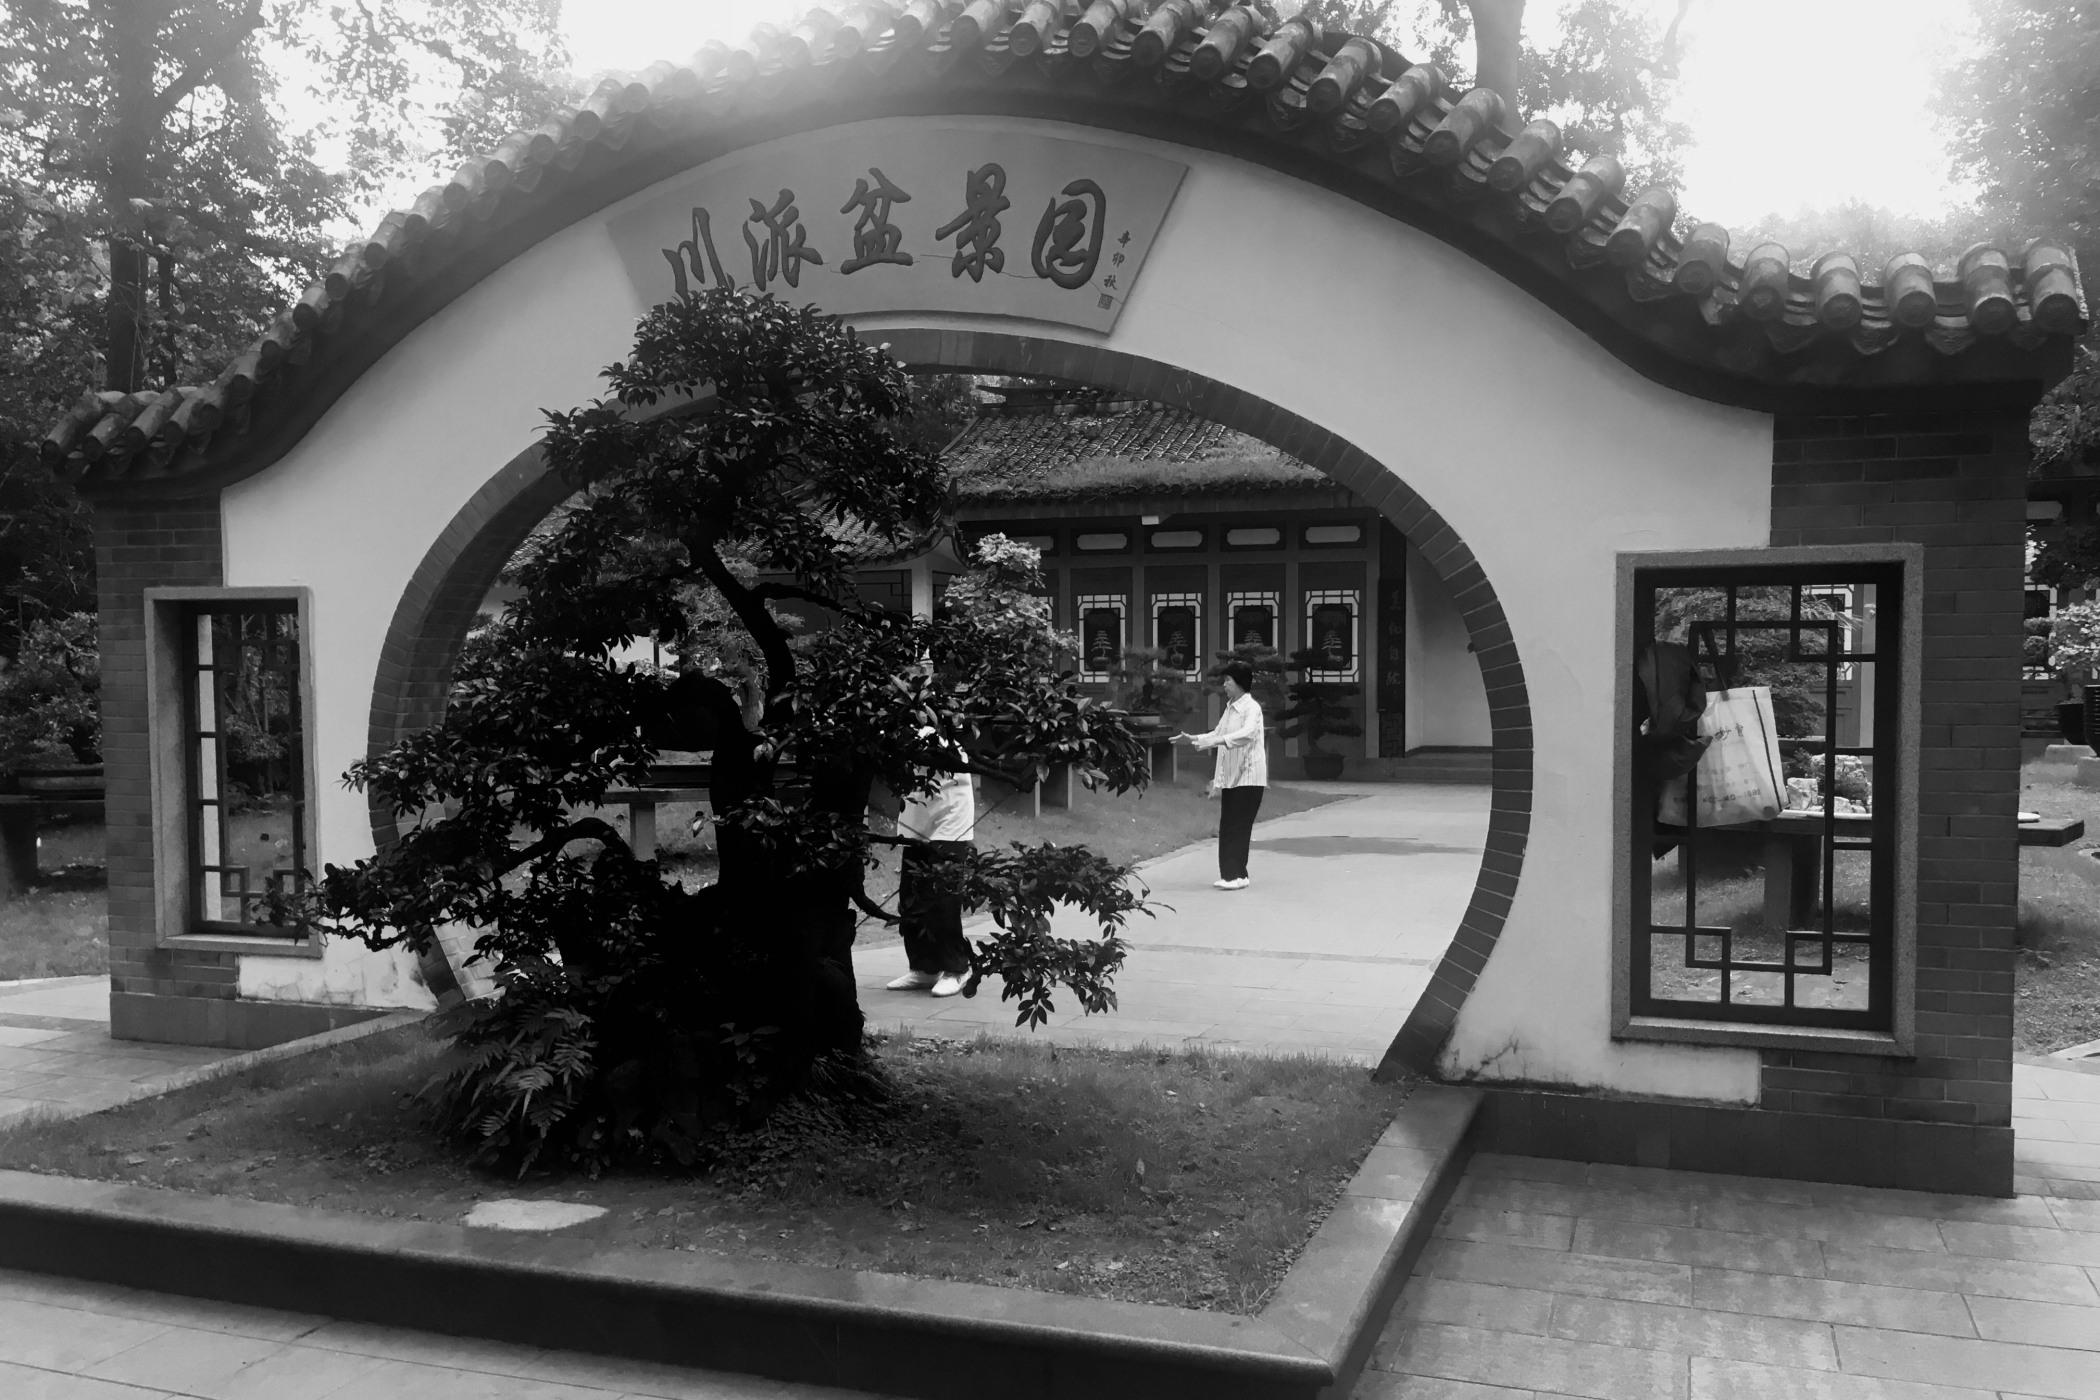 Chrám Zeleného berana je jedním z nejposvátnějších míst taoismu.